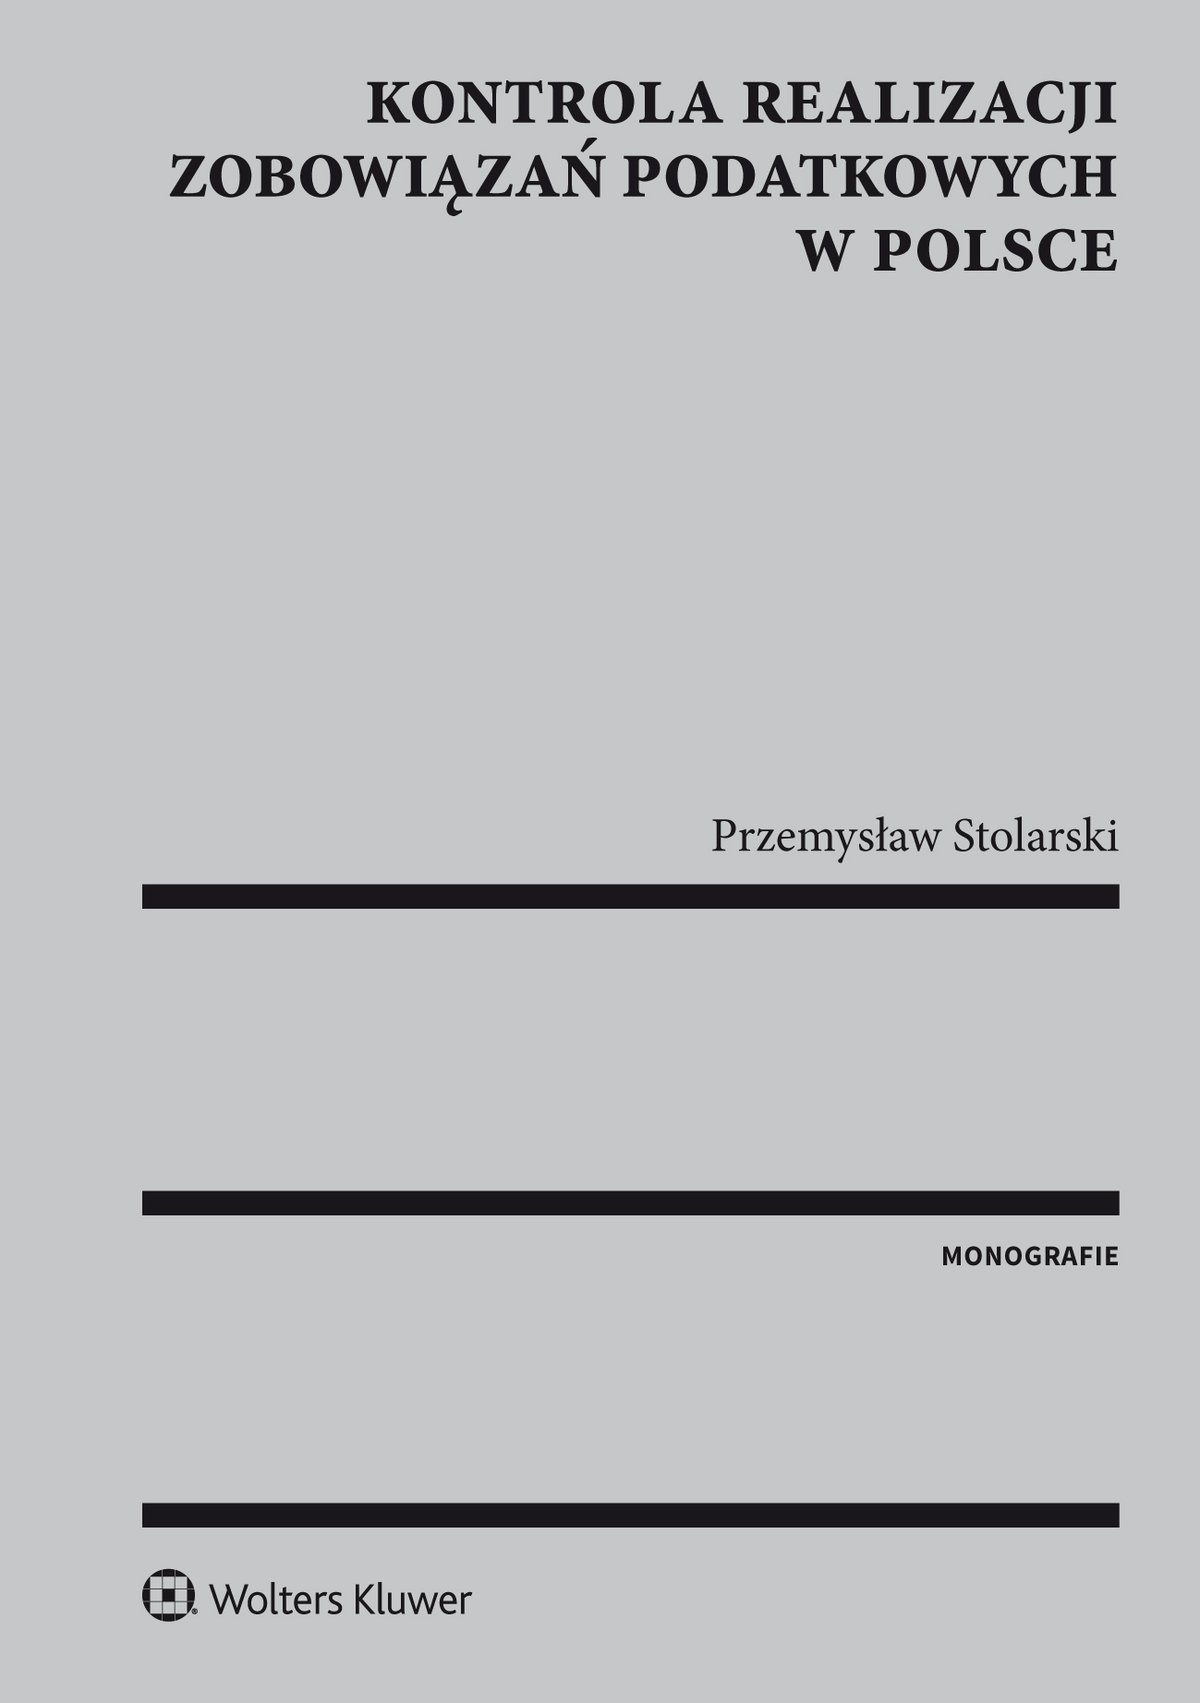 Kontrola realizacji zobowiązań podatkowych w Polsce - Ebook (Książka EPUB) do pobrania w formacie EPUB